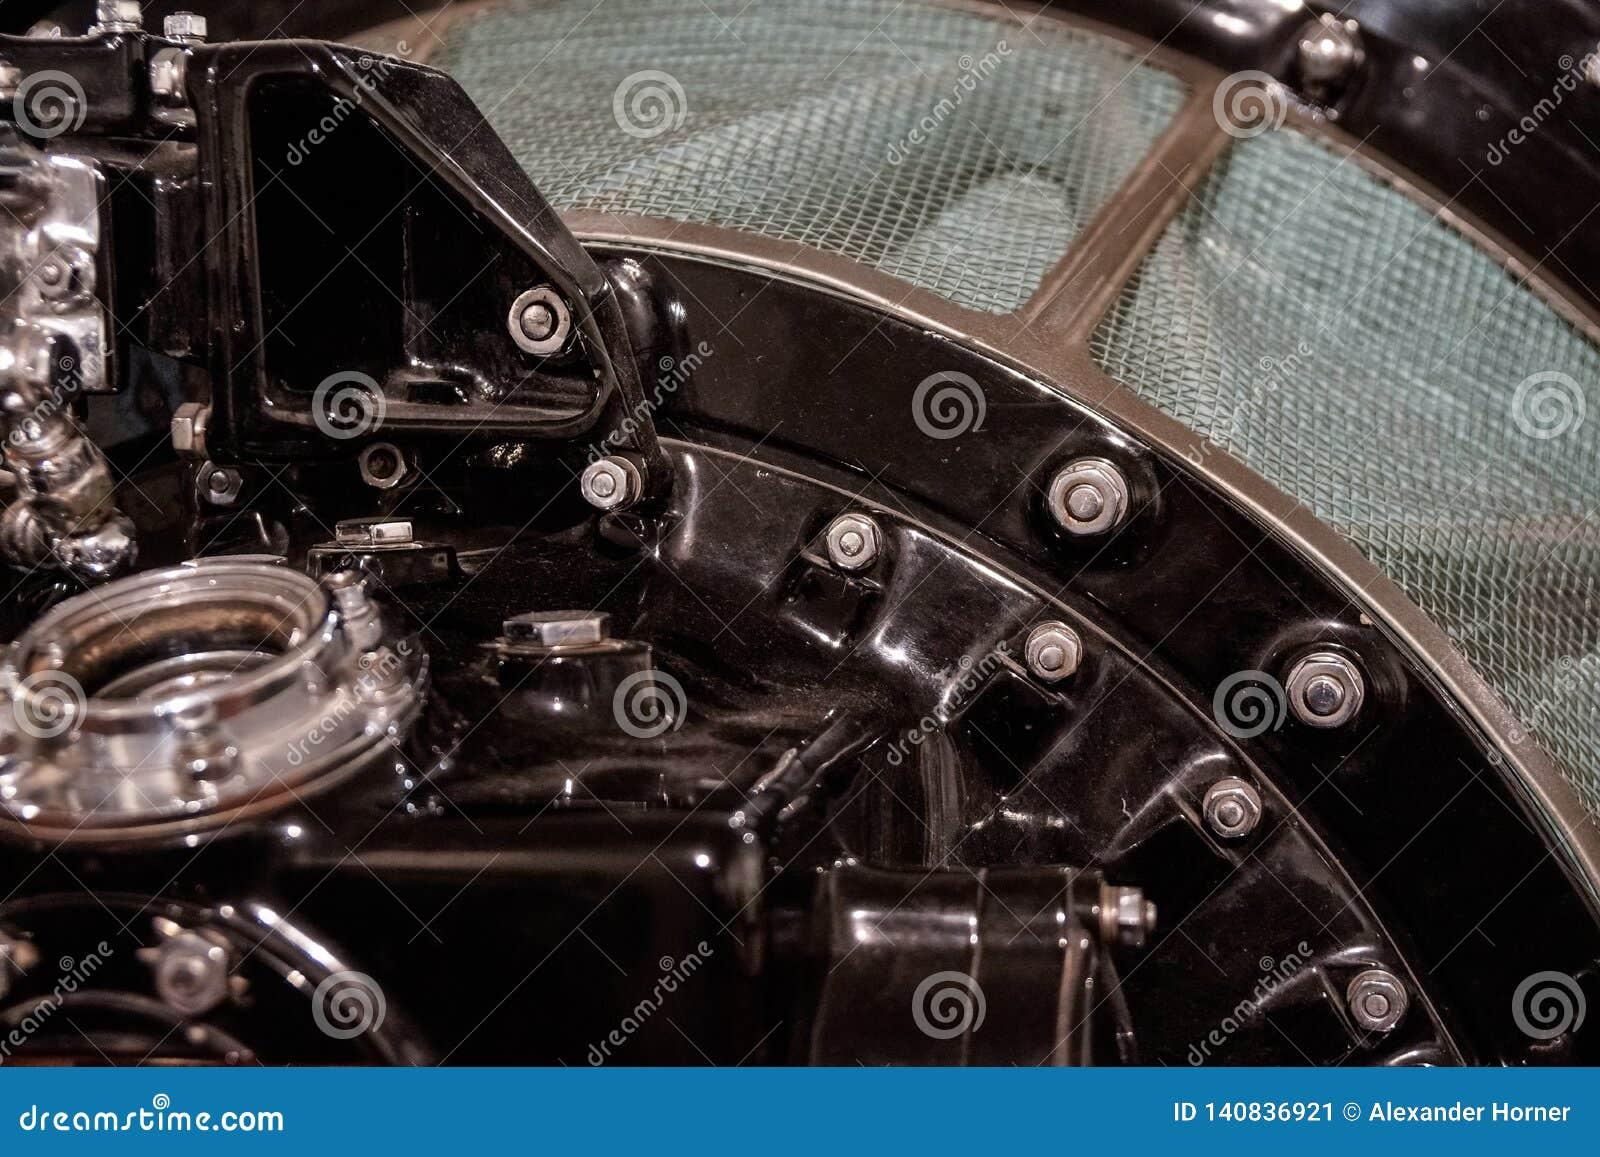 Закройте вверх старого компрессора двигателя